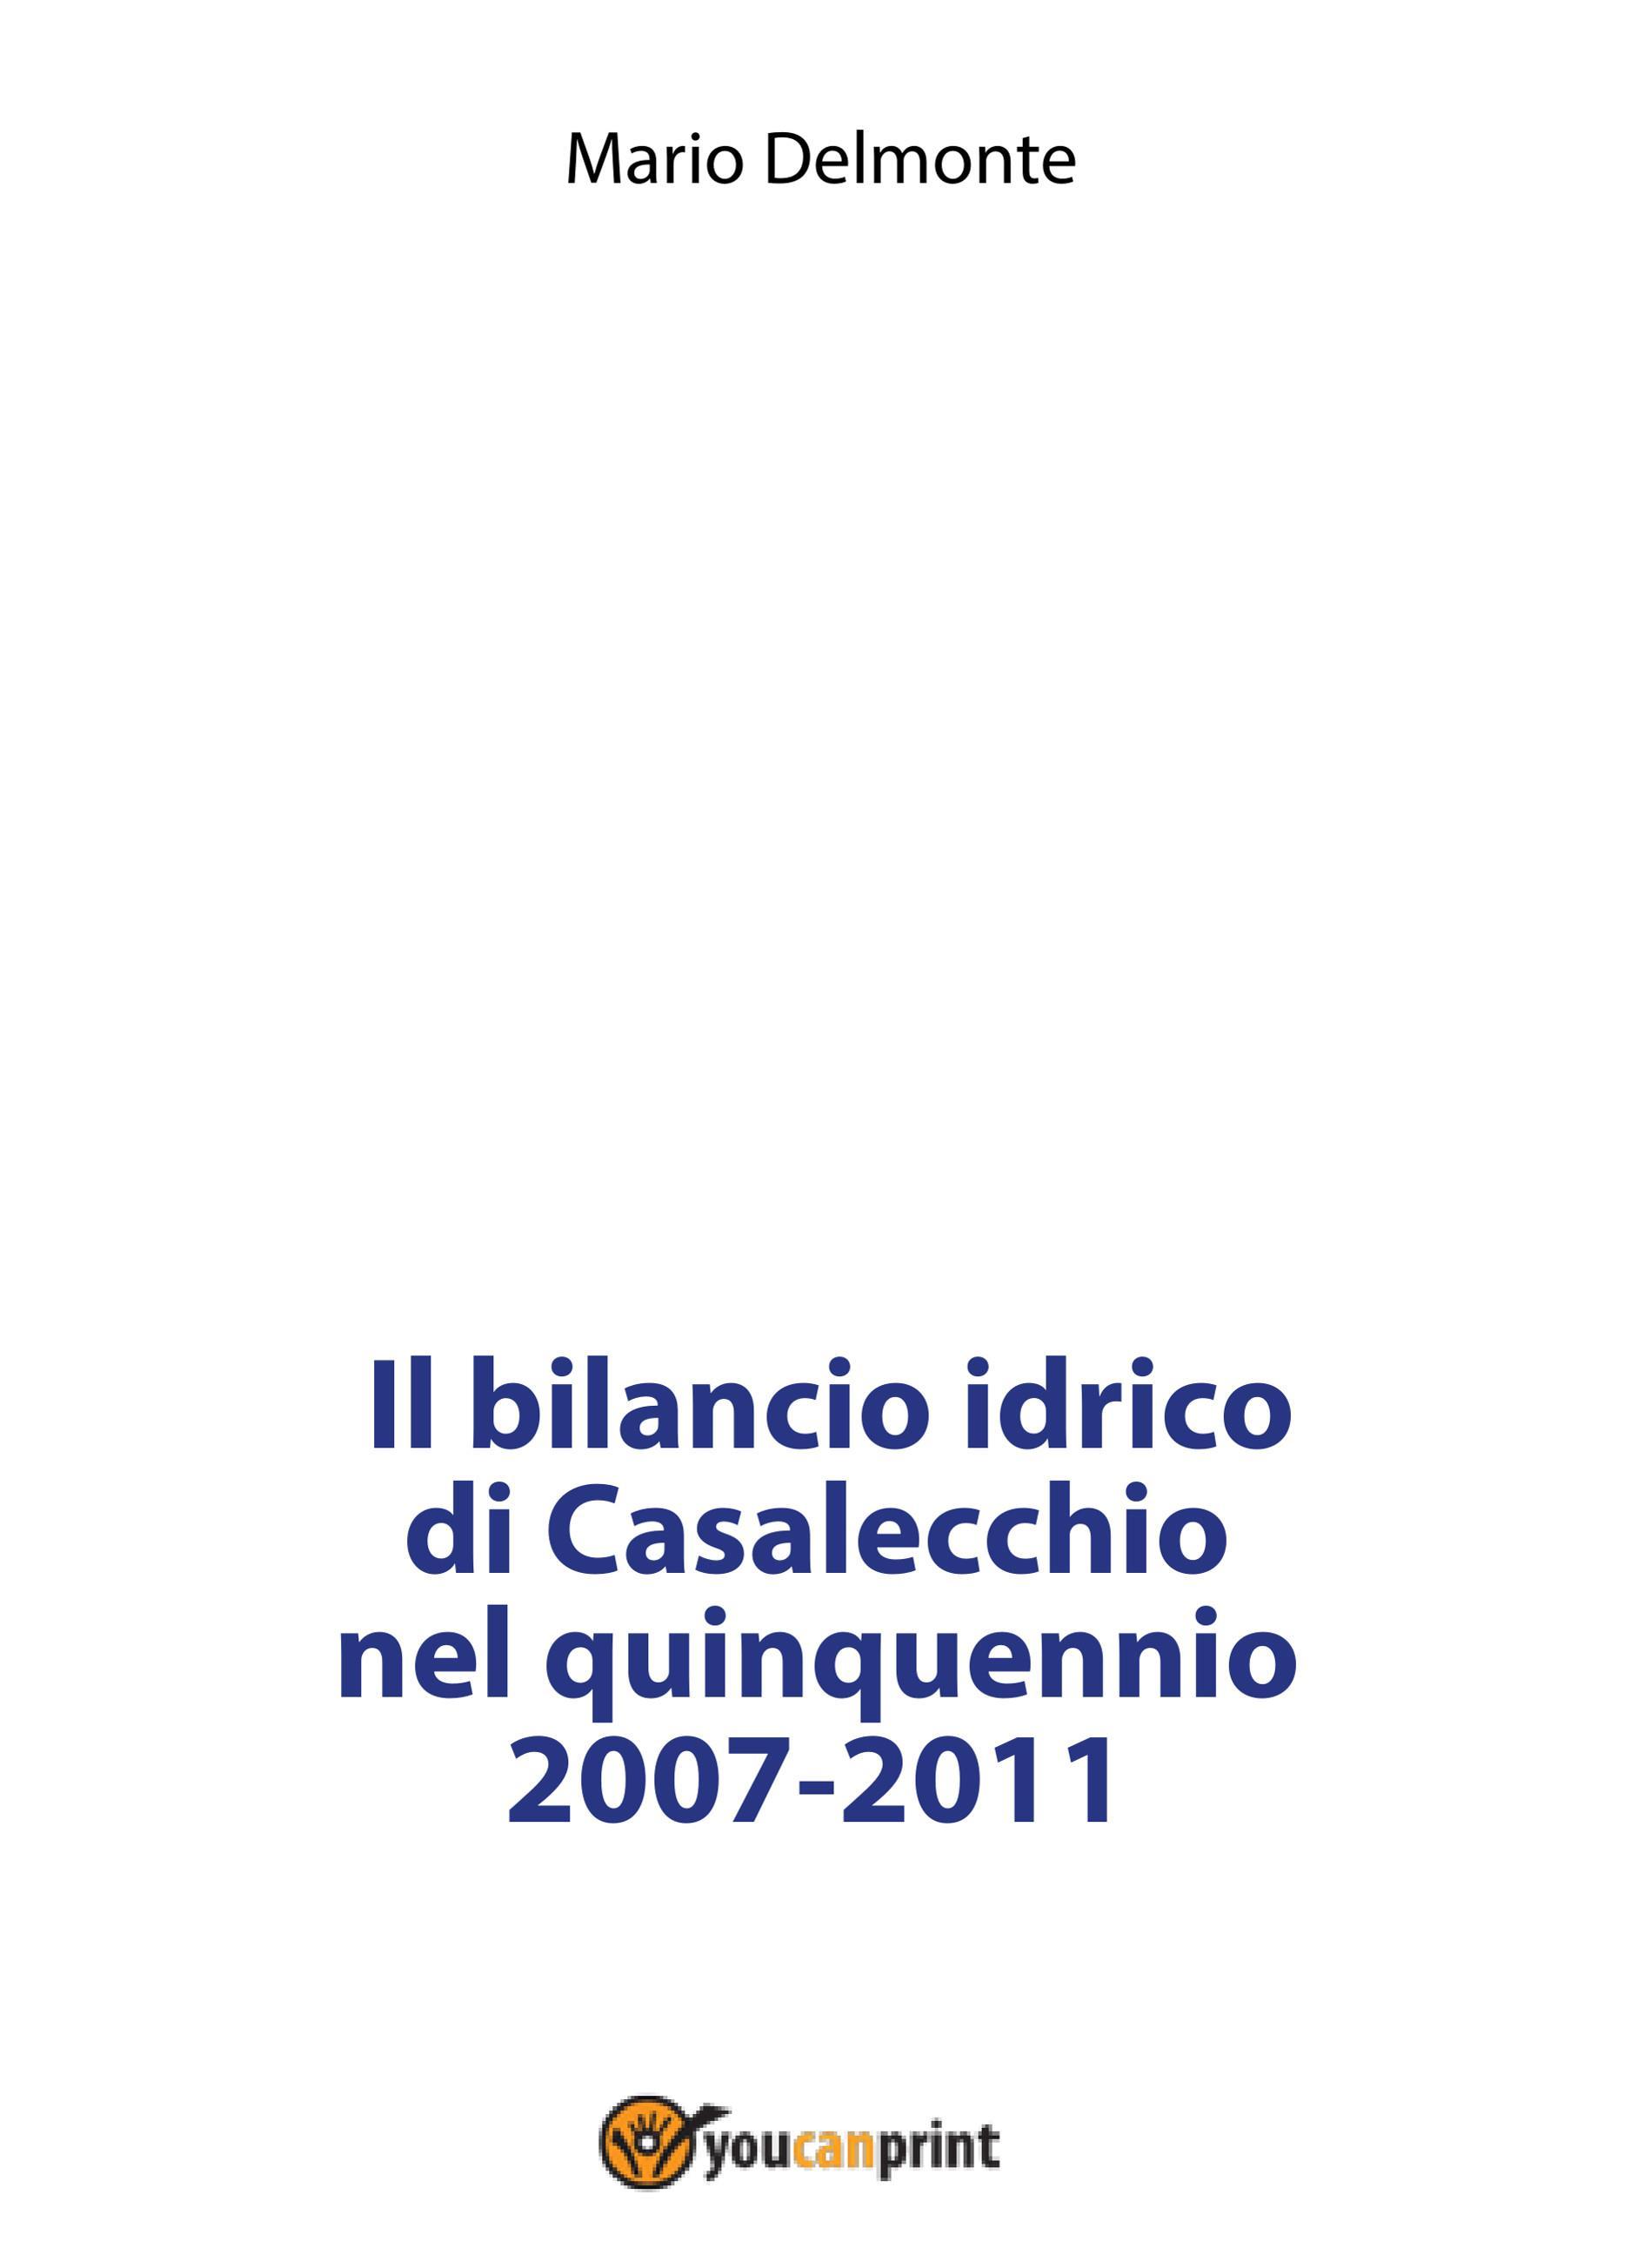 Il bilancio idrico di Casalecchio nel quinquennio 2007-2011